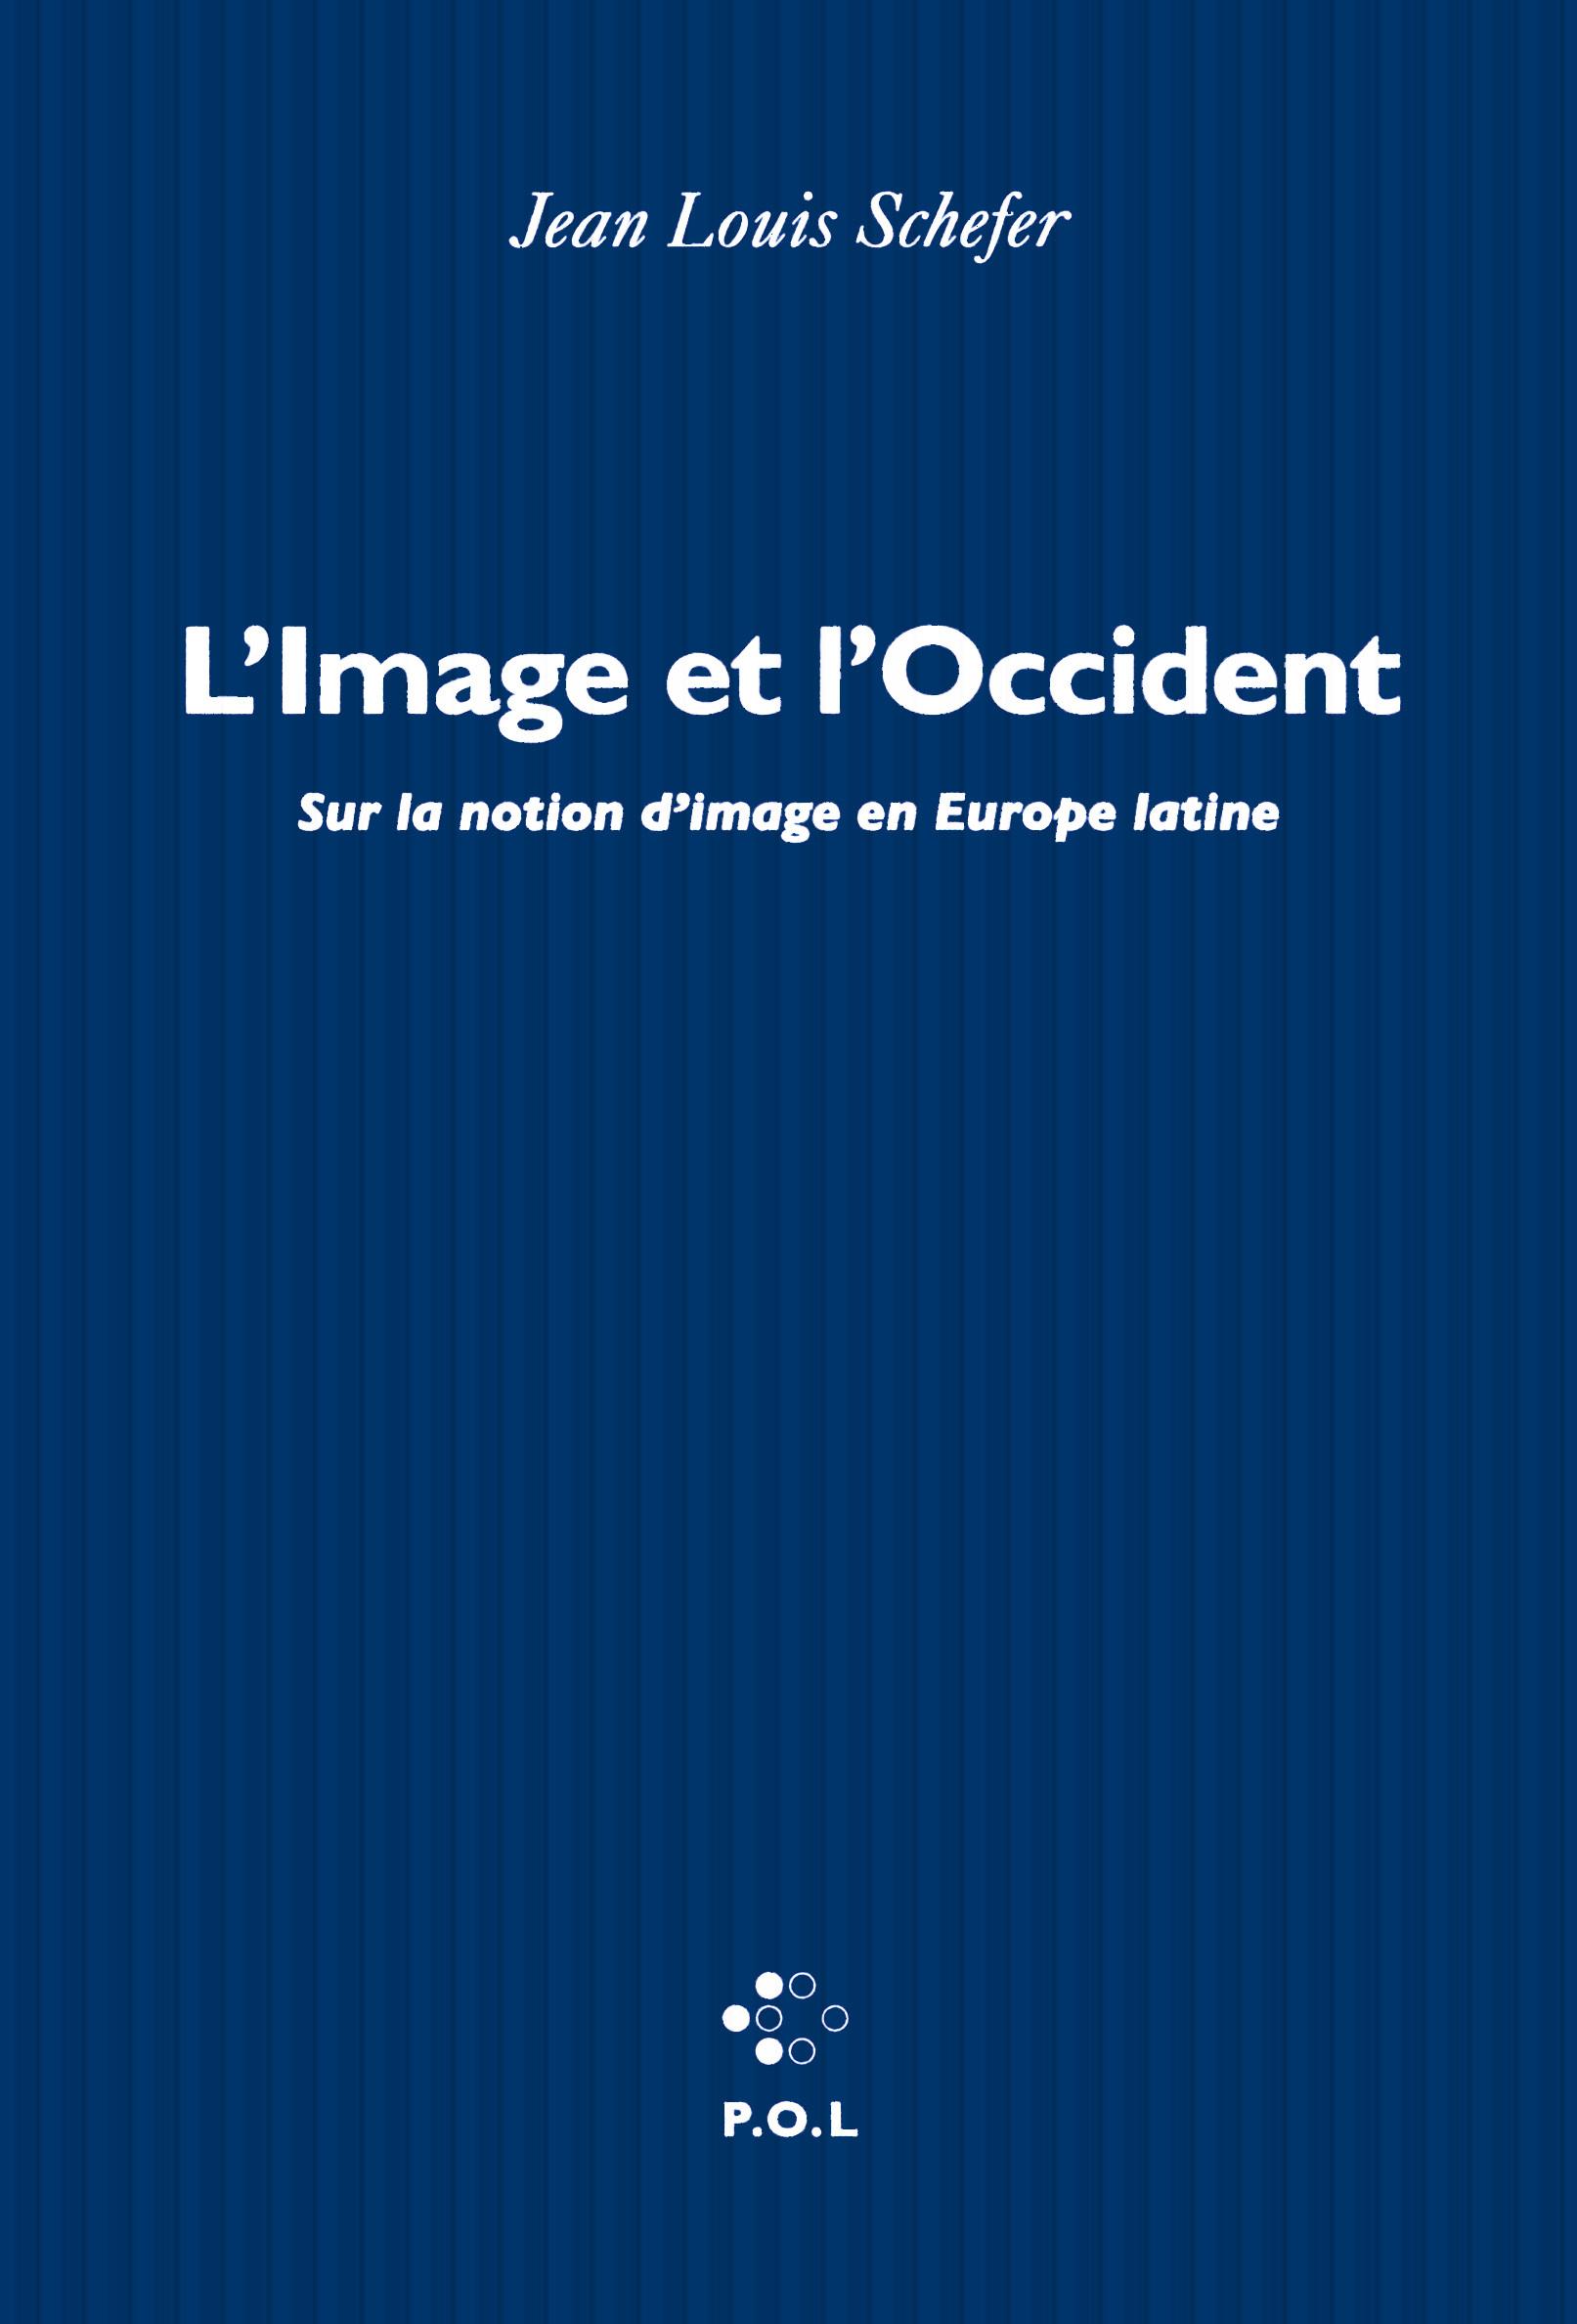 L'IMAGE ET L'OCCIDENT - SUR LA NOTION D'IMAGE EN EUROPE LATINE